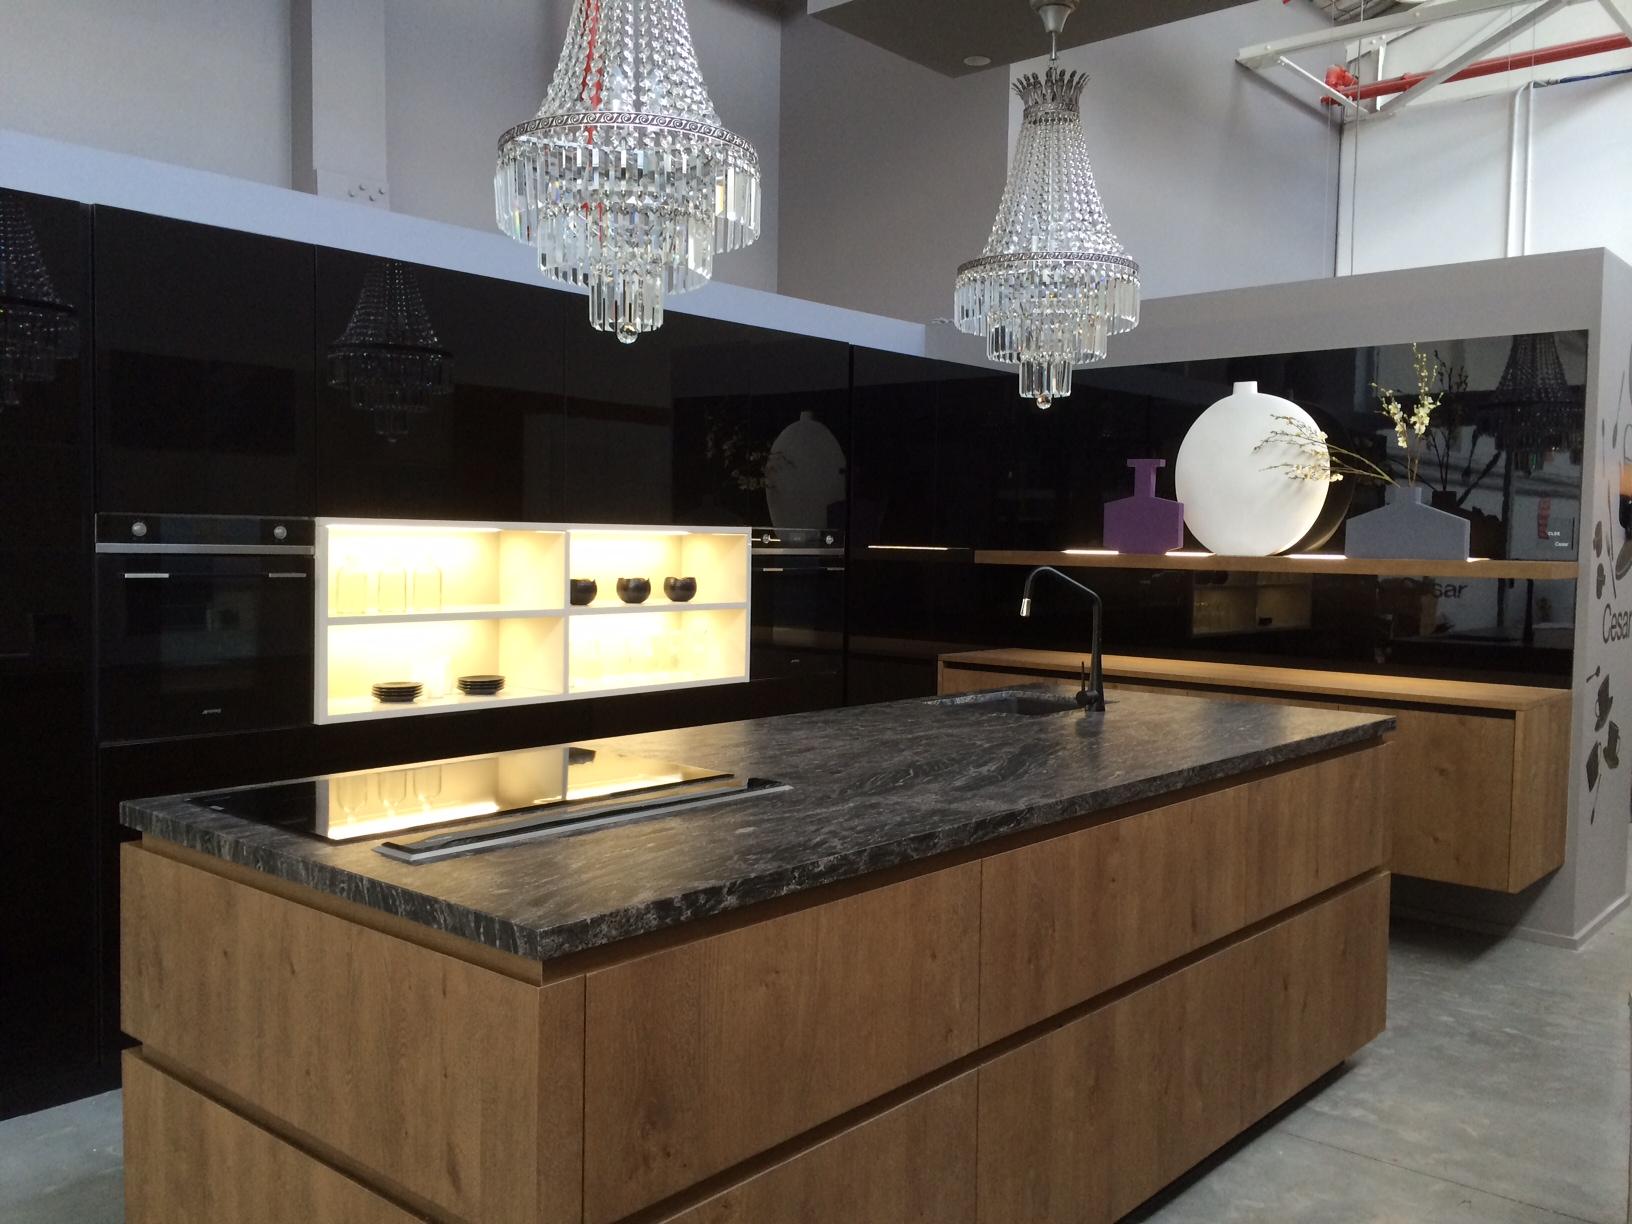 Thinkdzine cdk stone showroom launch the kitchen and for Kitchen design jobs sydney